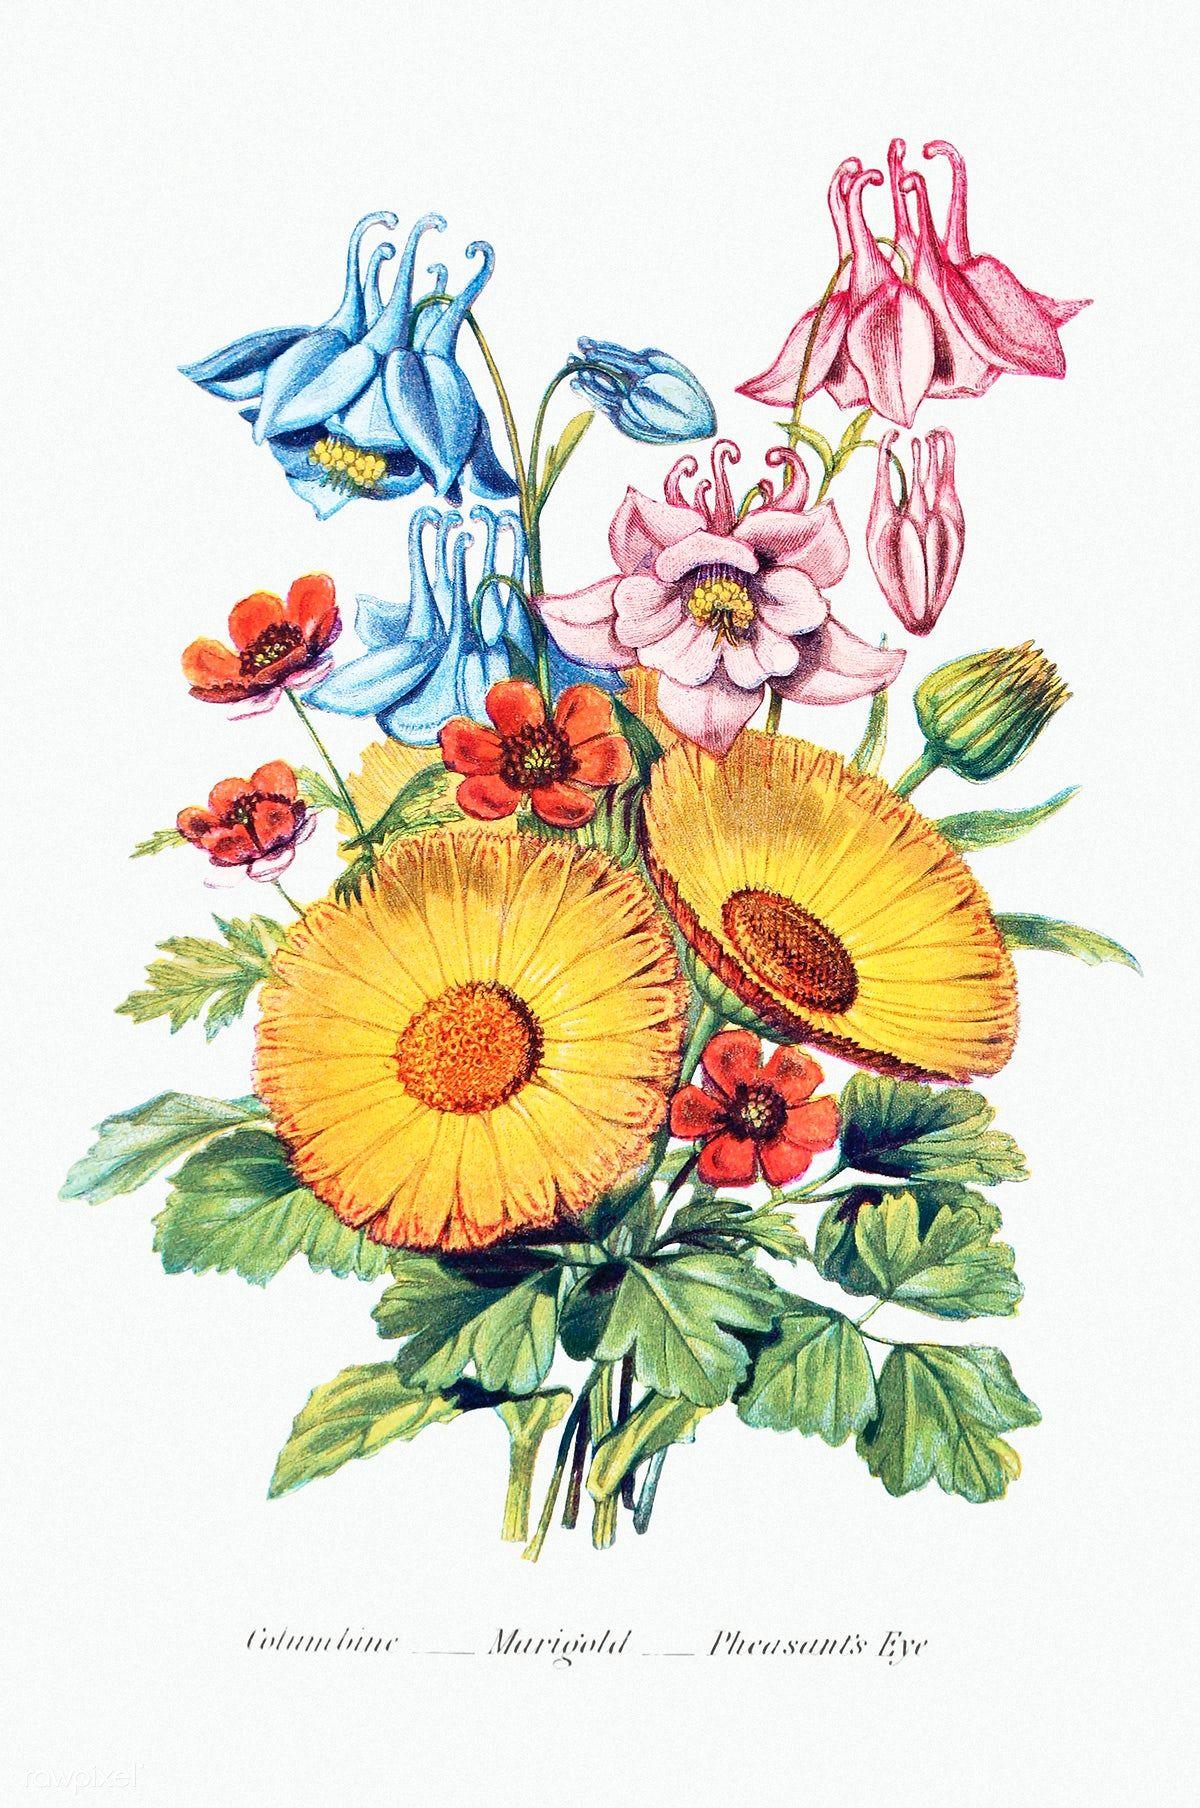 Download Premium Illustration Of Vintage Flower Bouquet Mockup 2098098 In 2020 Illustration Flowers Bouquet Flower Illustration